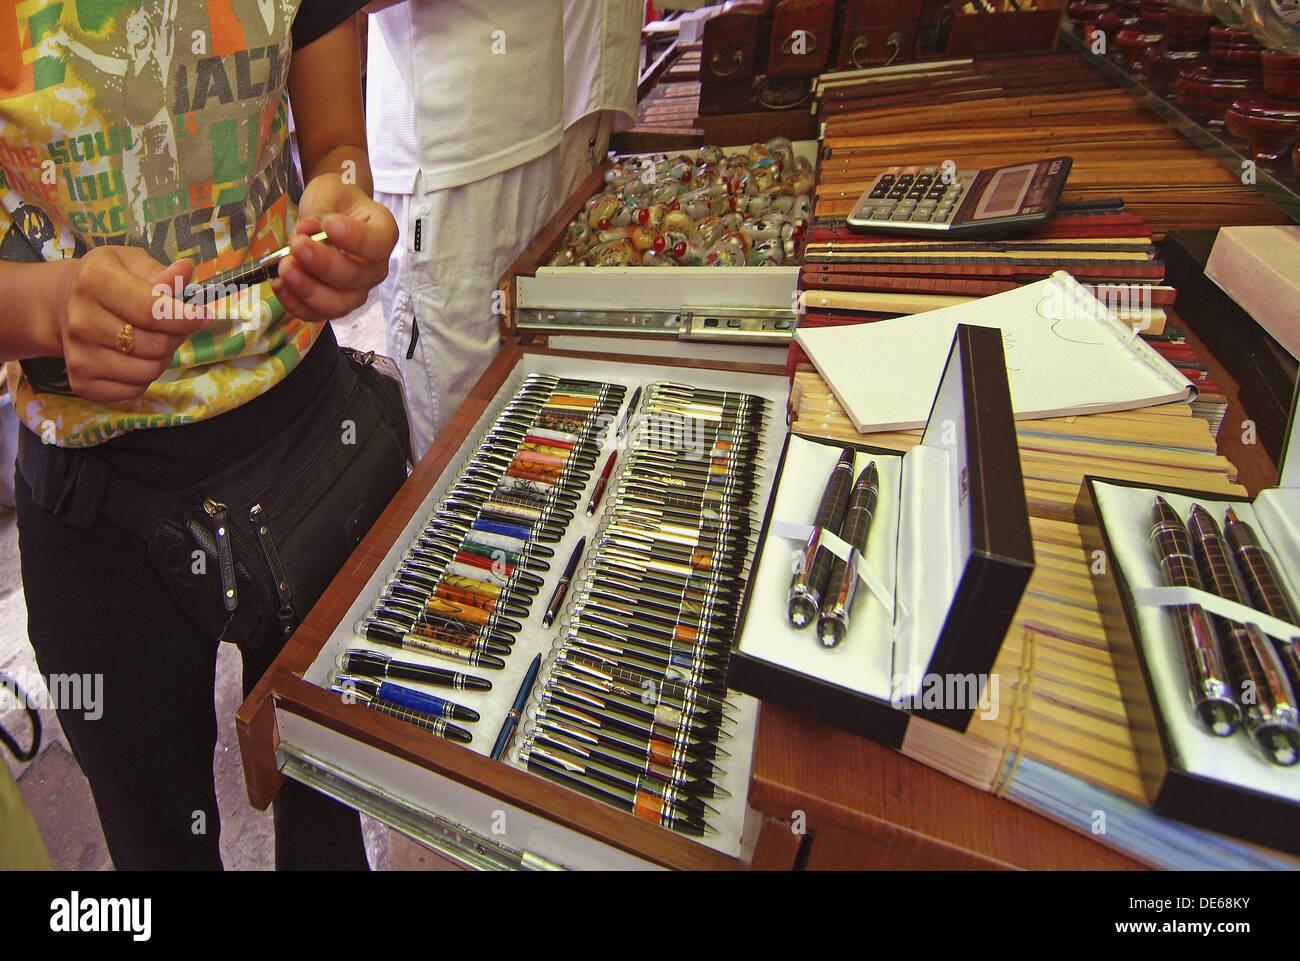 Market of imitation brand goods, Shanghai, China - Stock Image